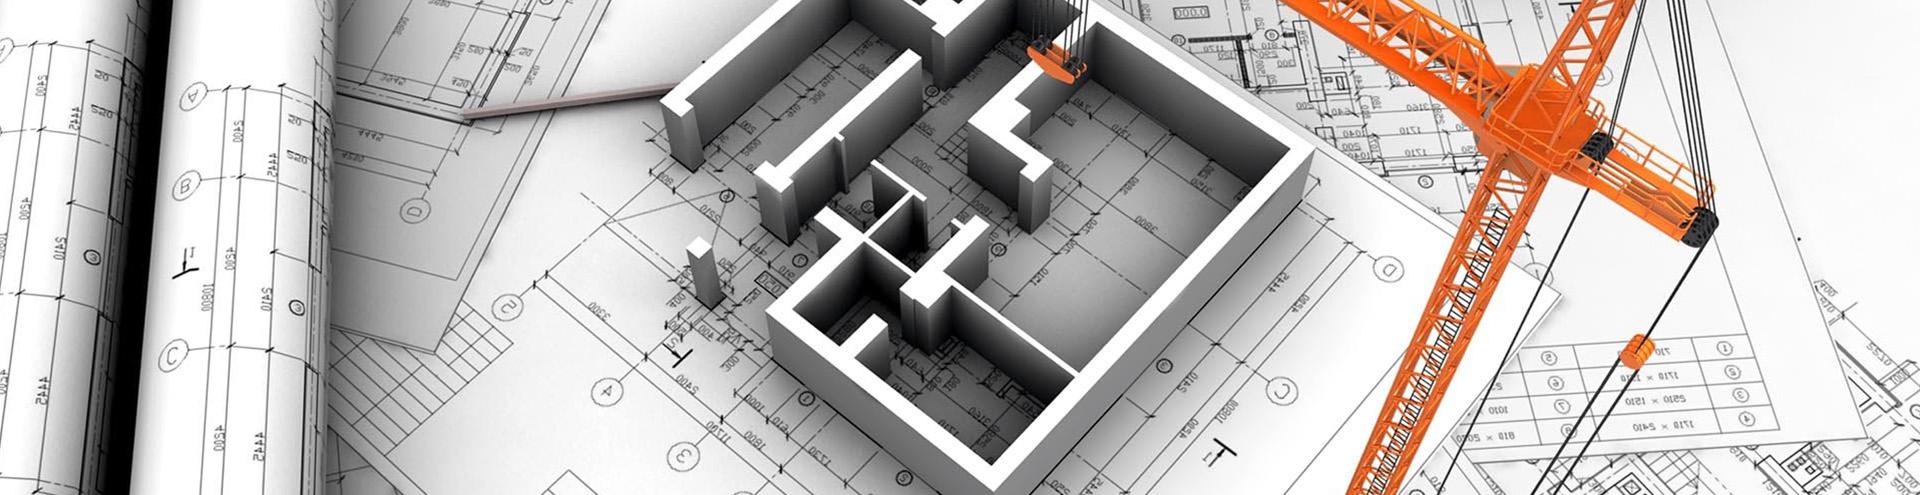 выдача разрешения на строительство в Самаре